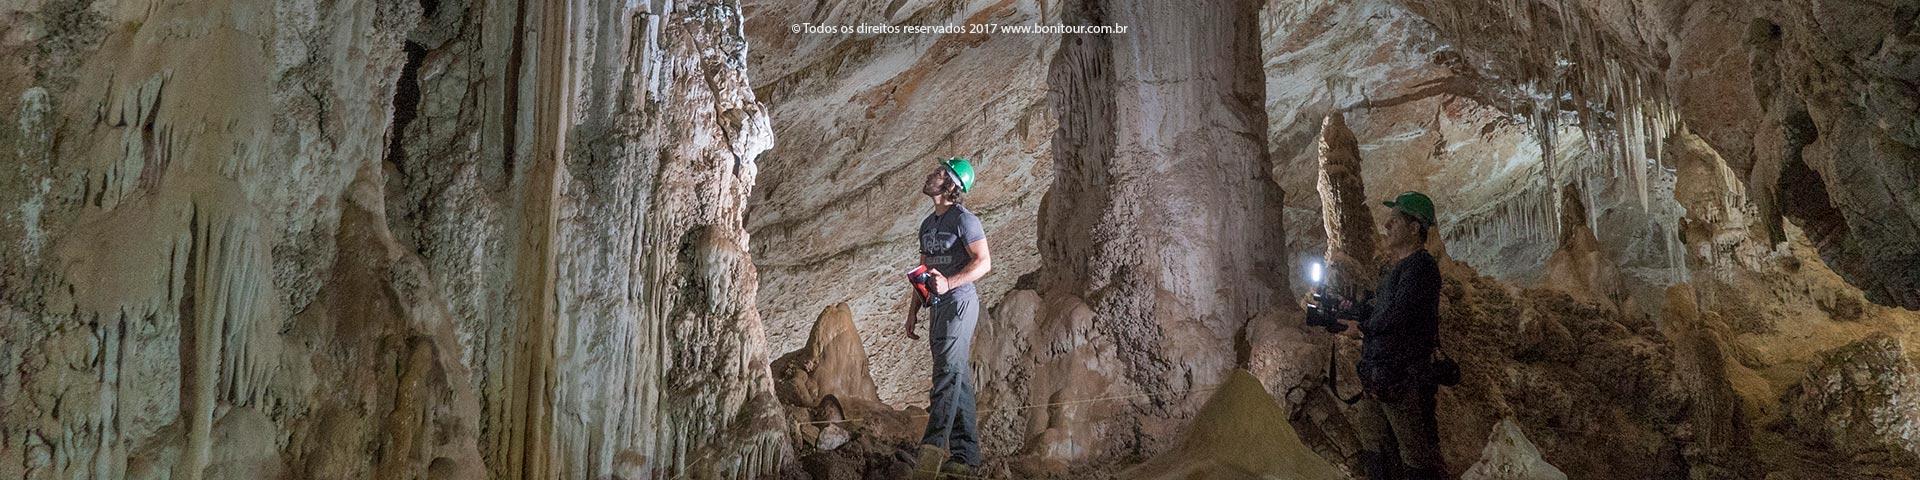 gruta-de-sao-miguel-Bonitour-Passeios-em-Bonito-MS-1109_2311.jpg